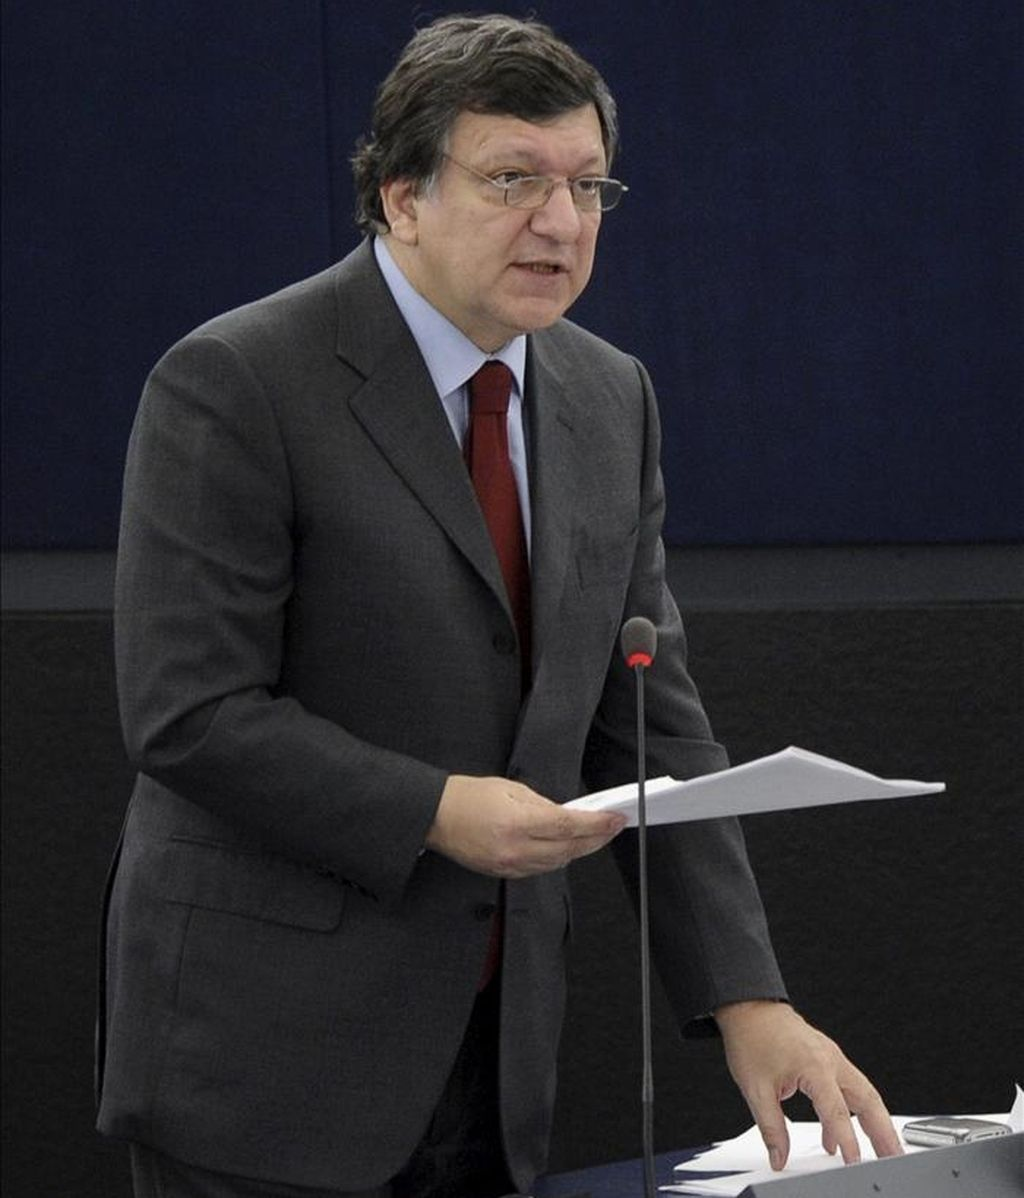 Portugal no puede acceder a un programa puente de financiación mientras negocia con la UE y el FMI un plan de rescate a medio plazo de su economía, según recalcó hoy el presidente de la Comisión Europea, José Manuel Durao Barroso. EFE/Archivo